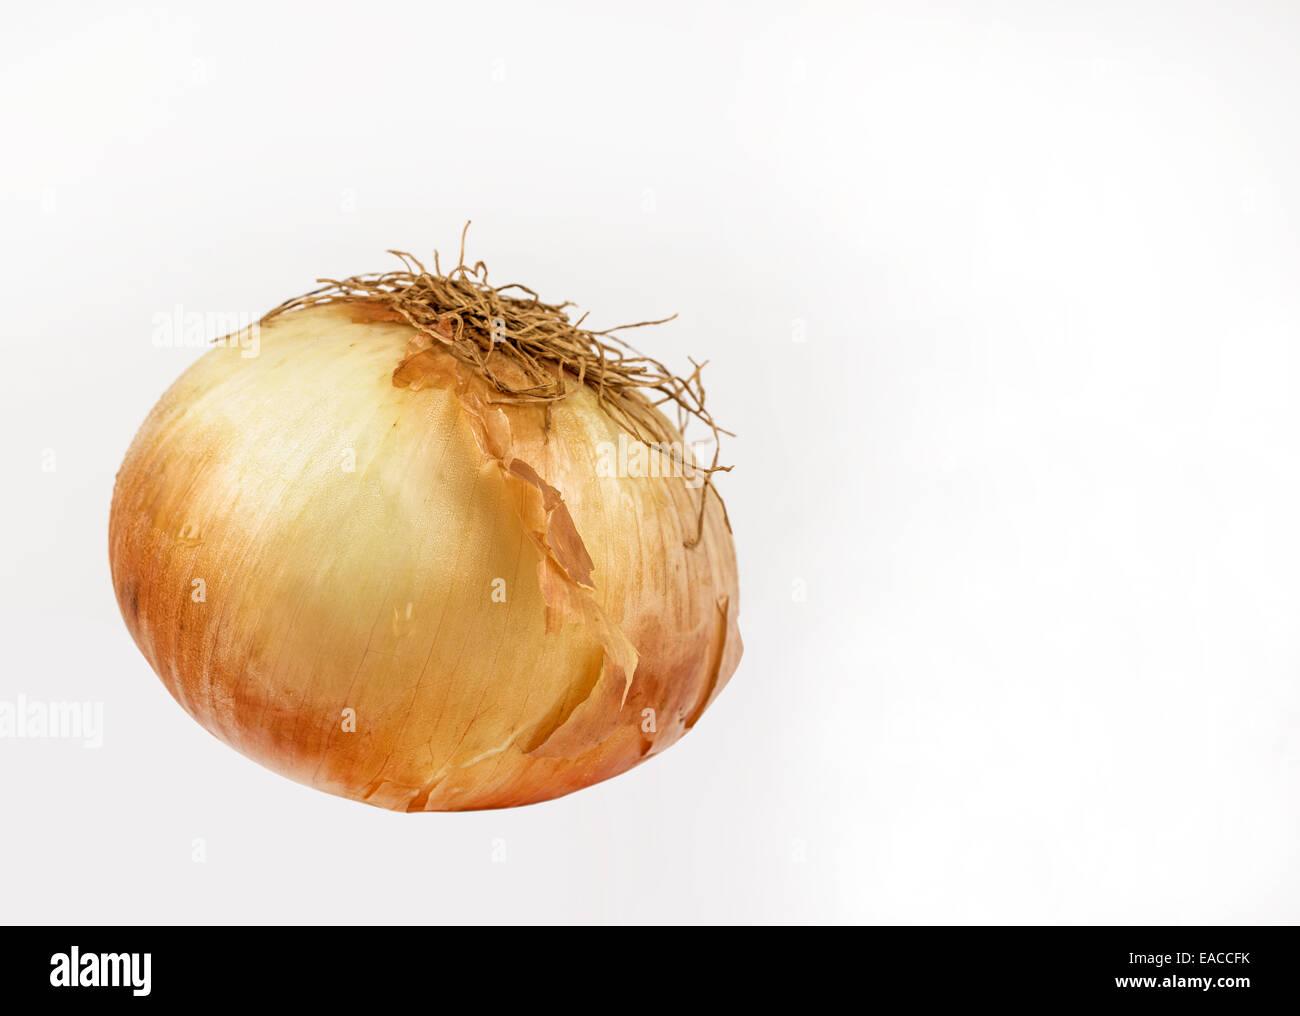 Kochen Zwiebel Allium cepa Stockbild